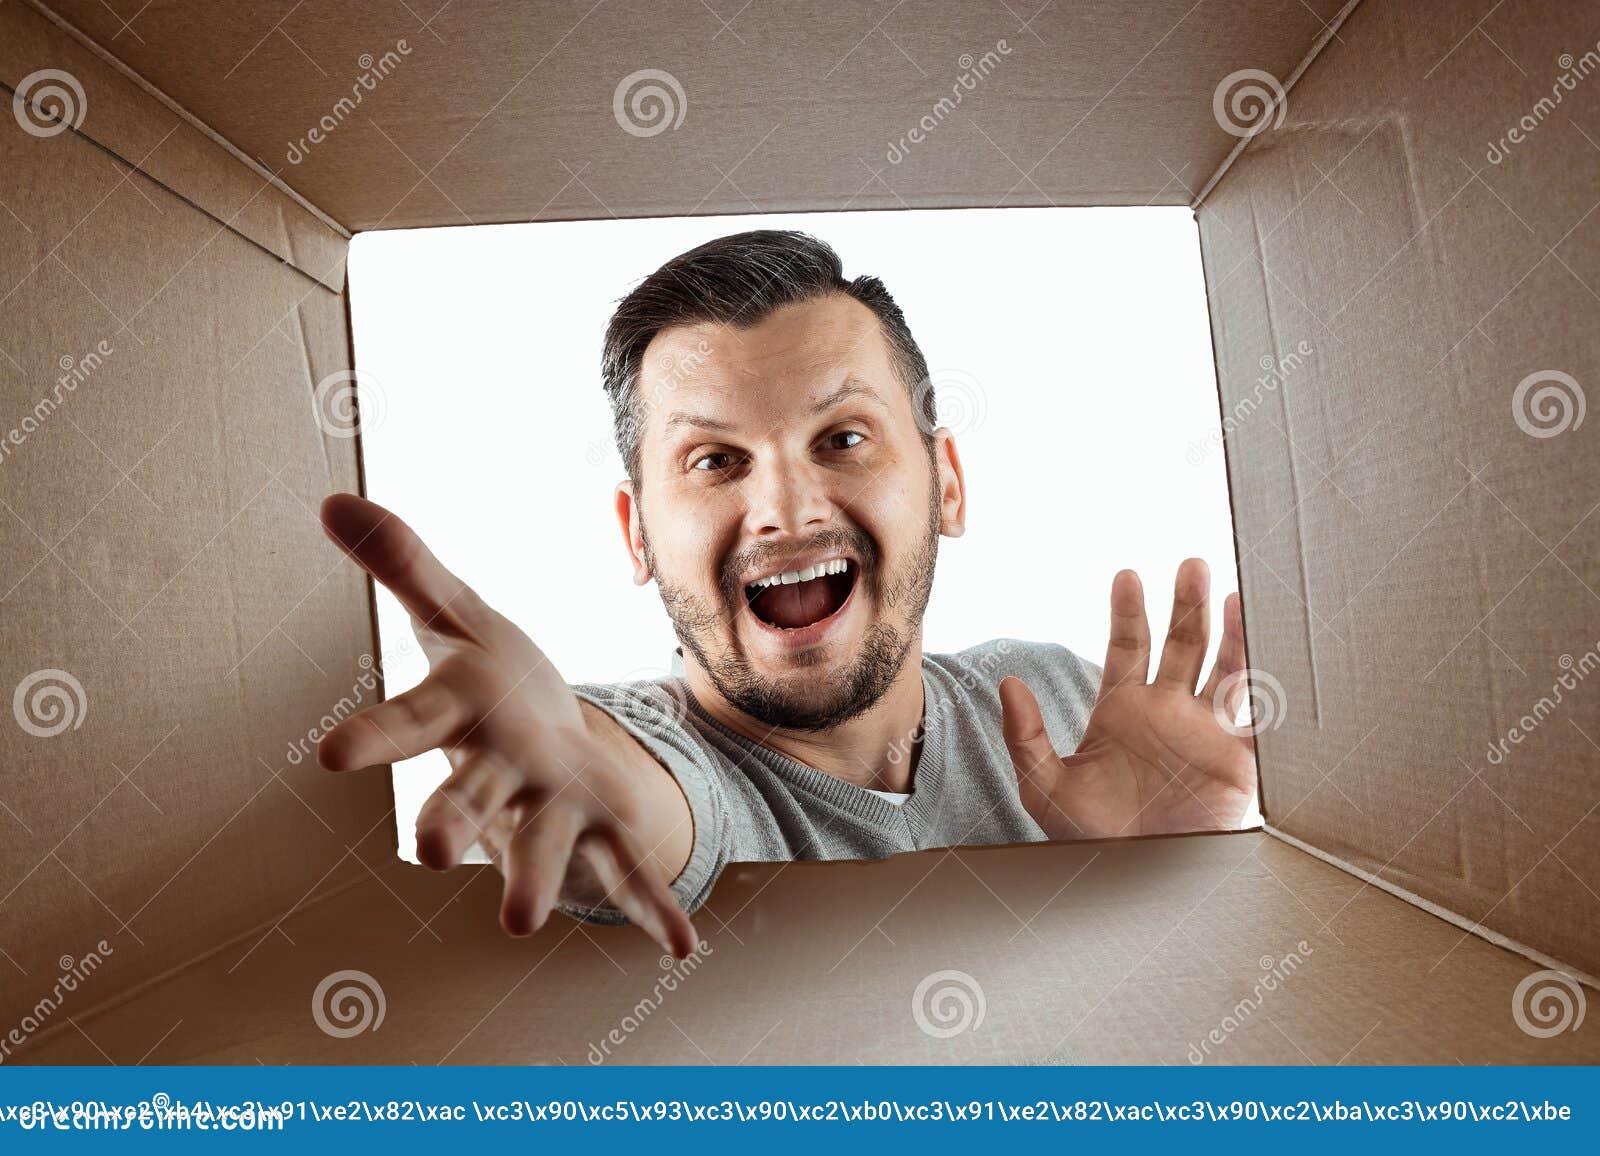 Unboxing, Creatieve achtergrond, blije mens opent de doos en kijkt in verrassing Het pakket, levering, verrassing, gift